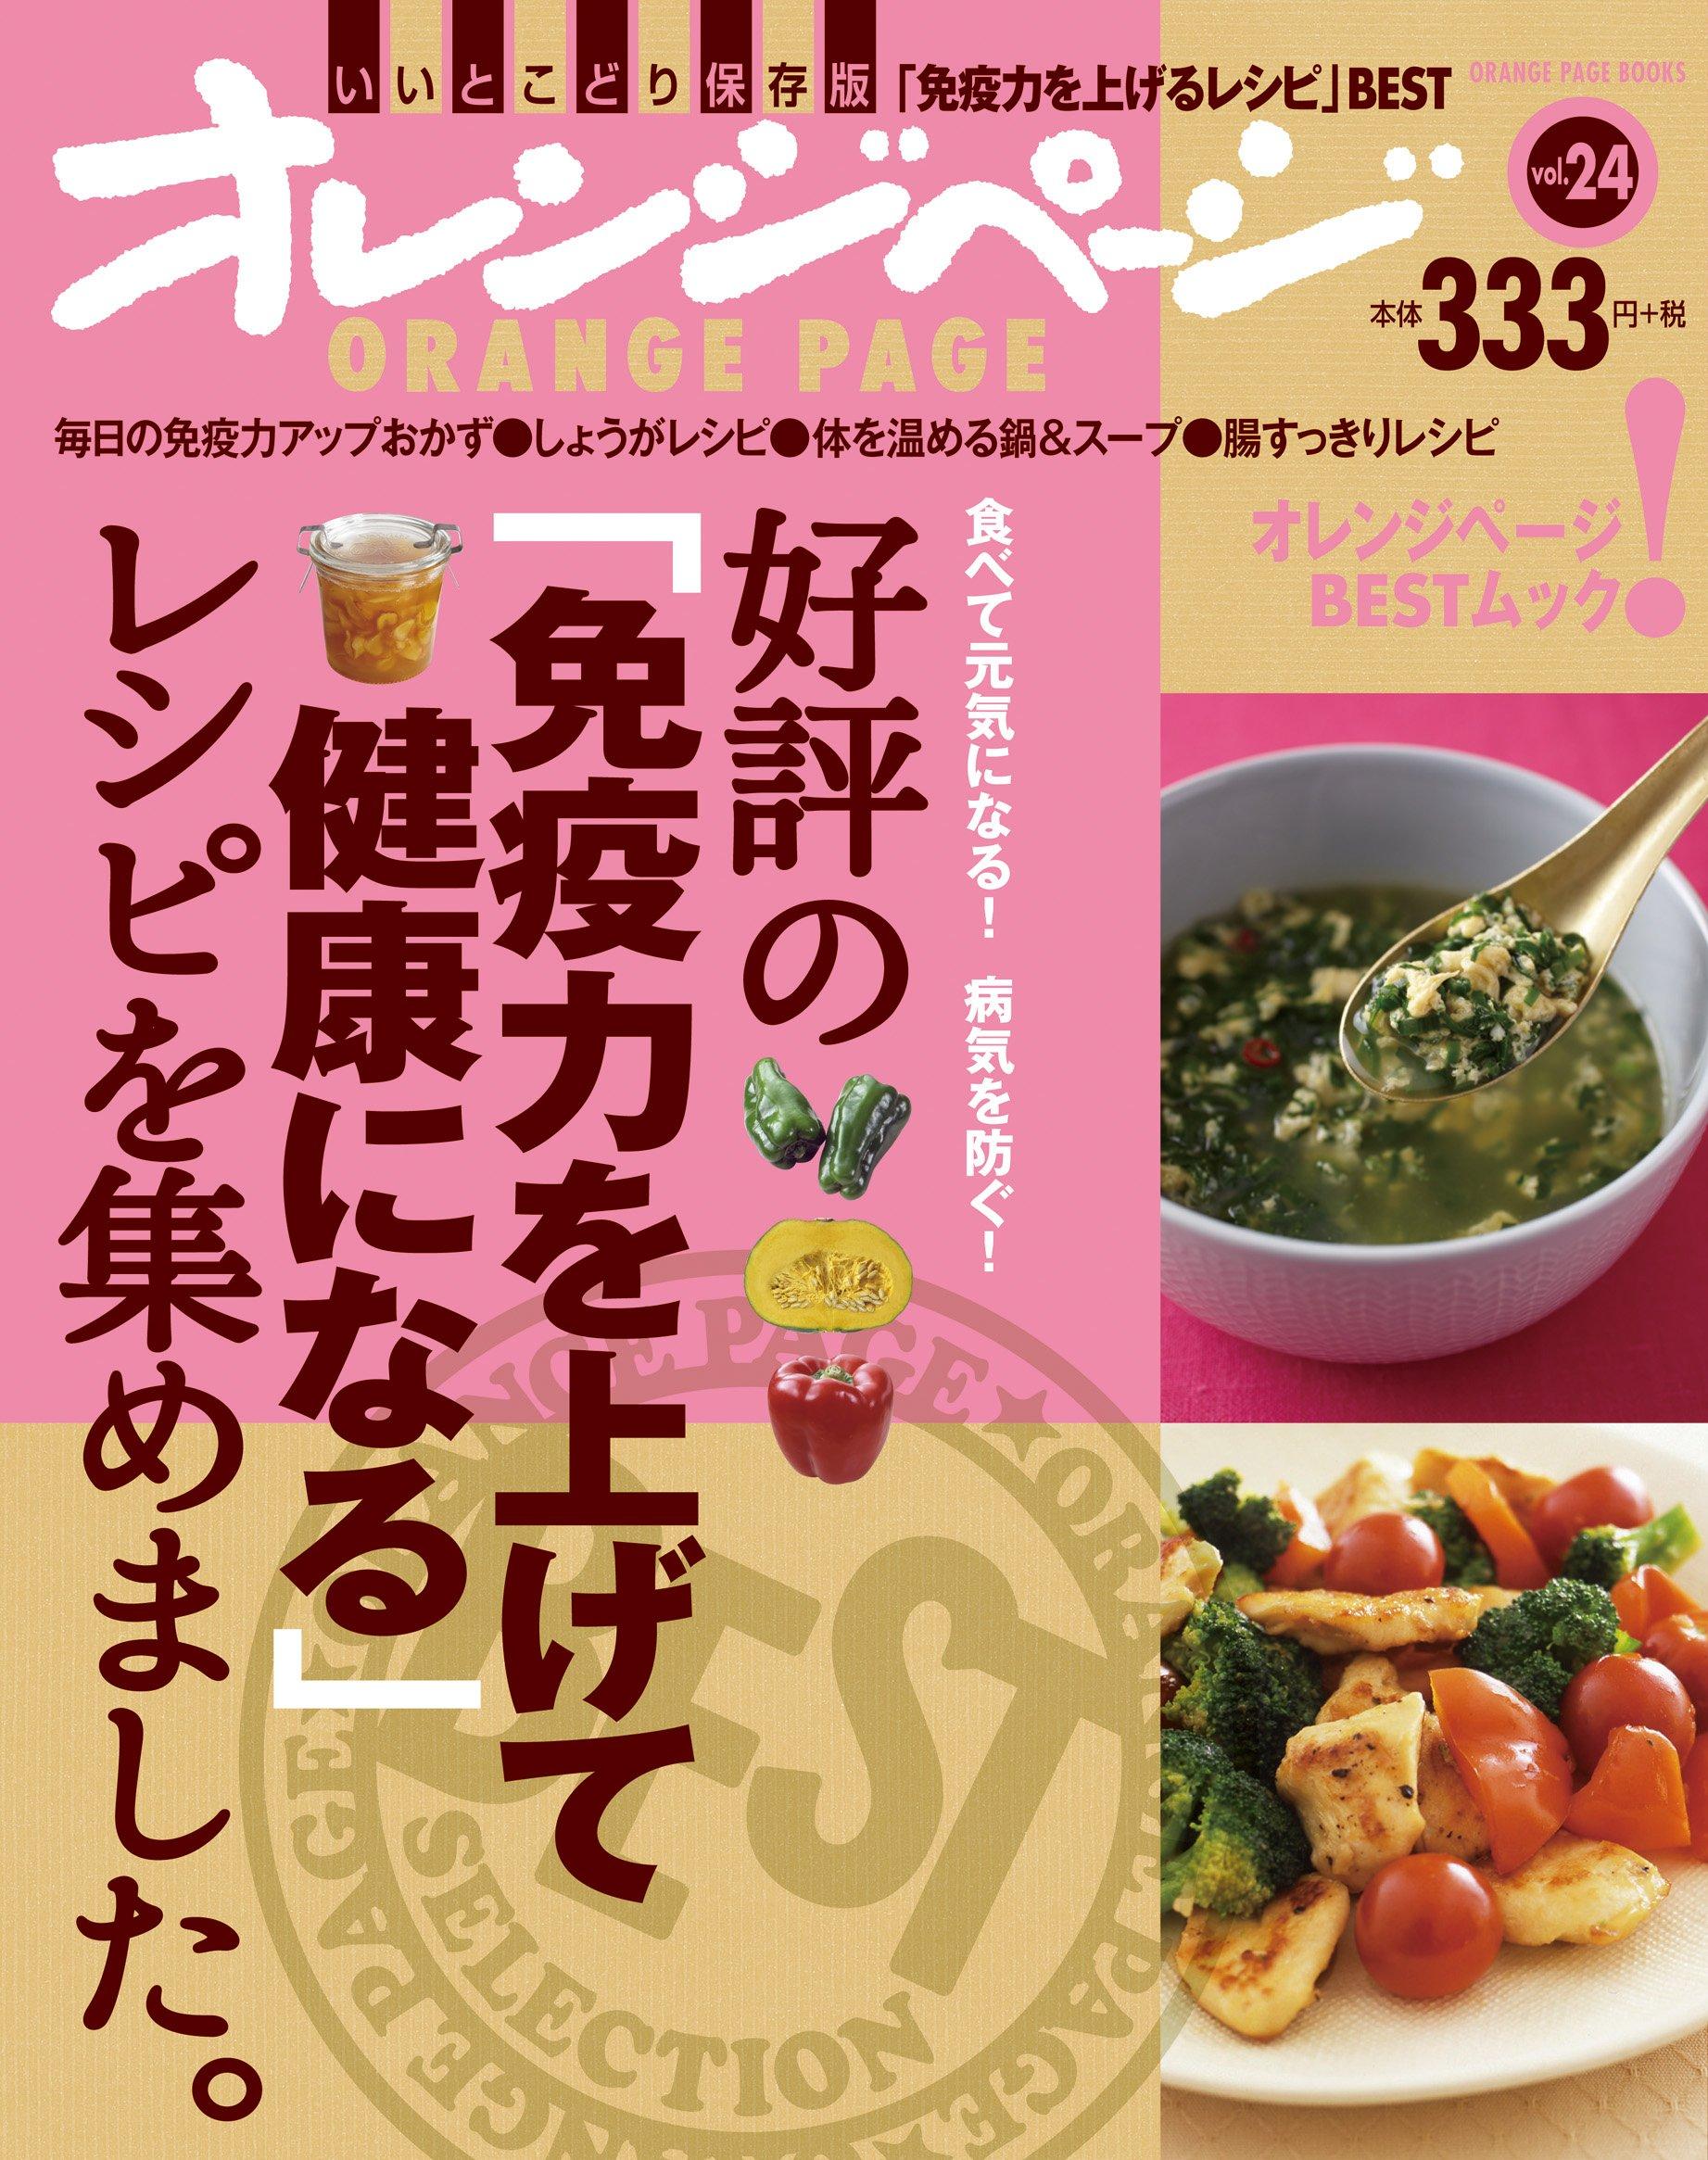 好評の「免疫力を上げて健康になる」レシピを集めました。vol.24 (ORANGE PAGE BOOKS 創刊25周年記念BESTムック v)